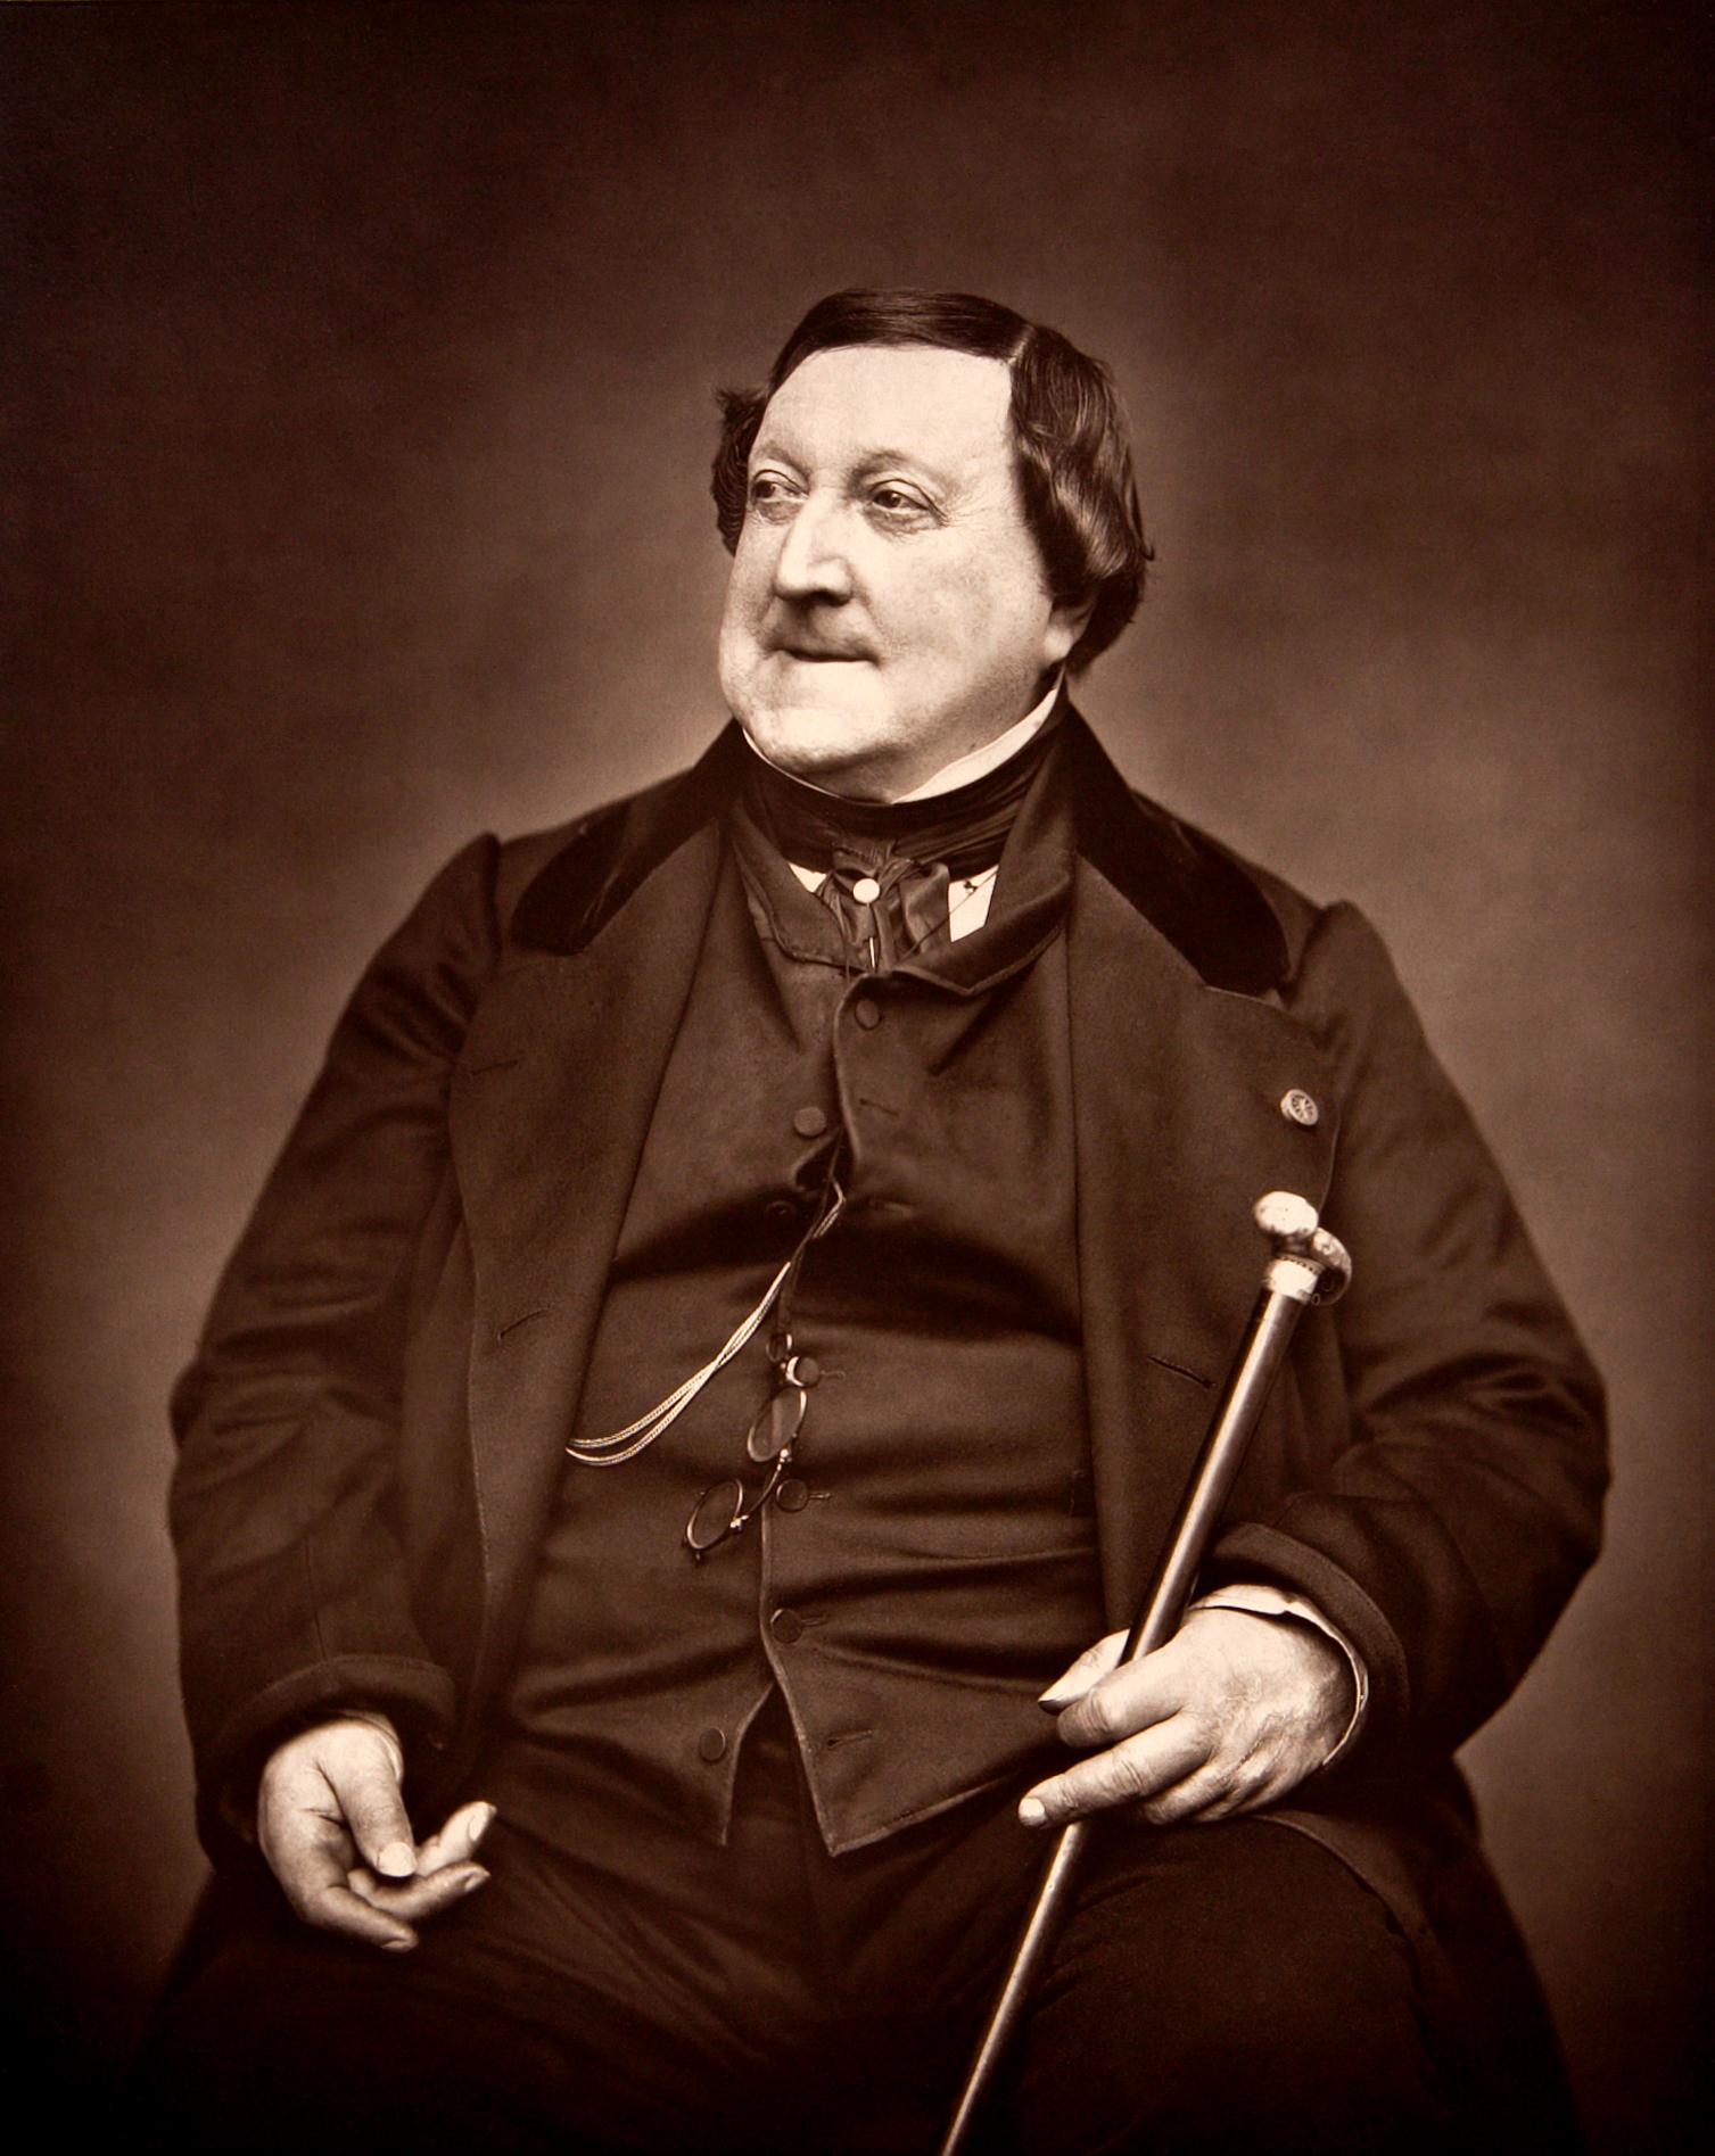 Anniversario Di Matrimonio Wikipedia.Messa Per Rossini Wikipedia